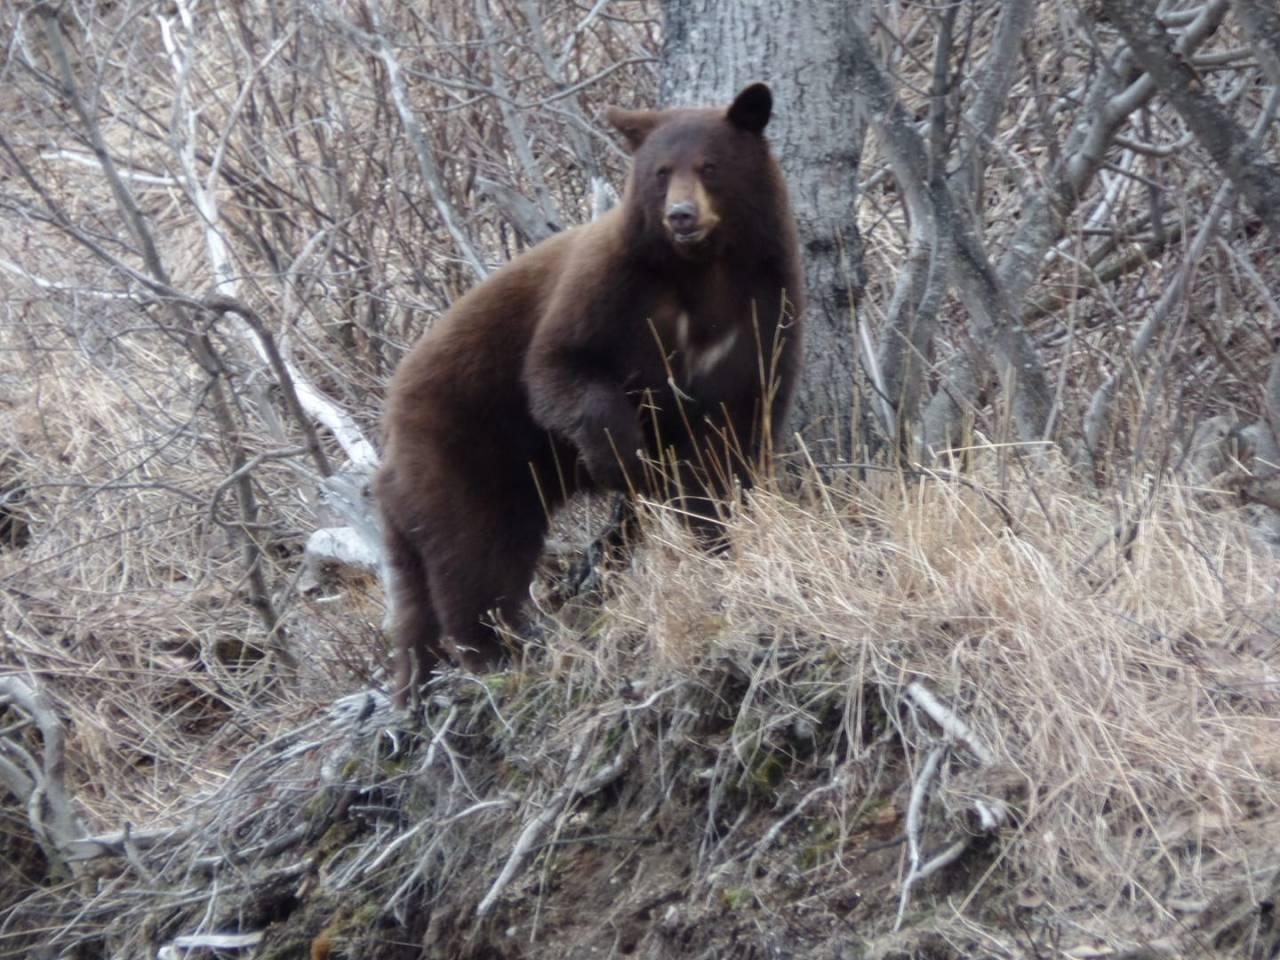 Los problemas de acabar con el confinamiento en Alaska